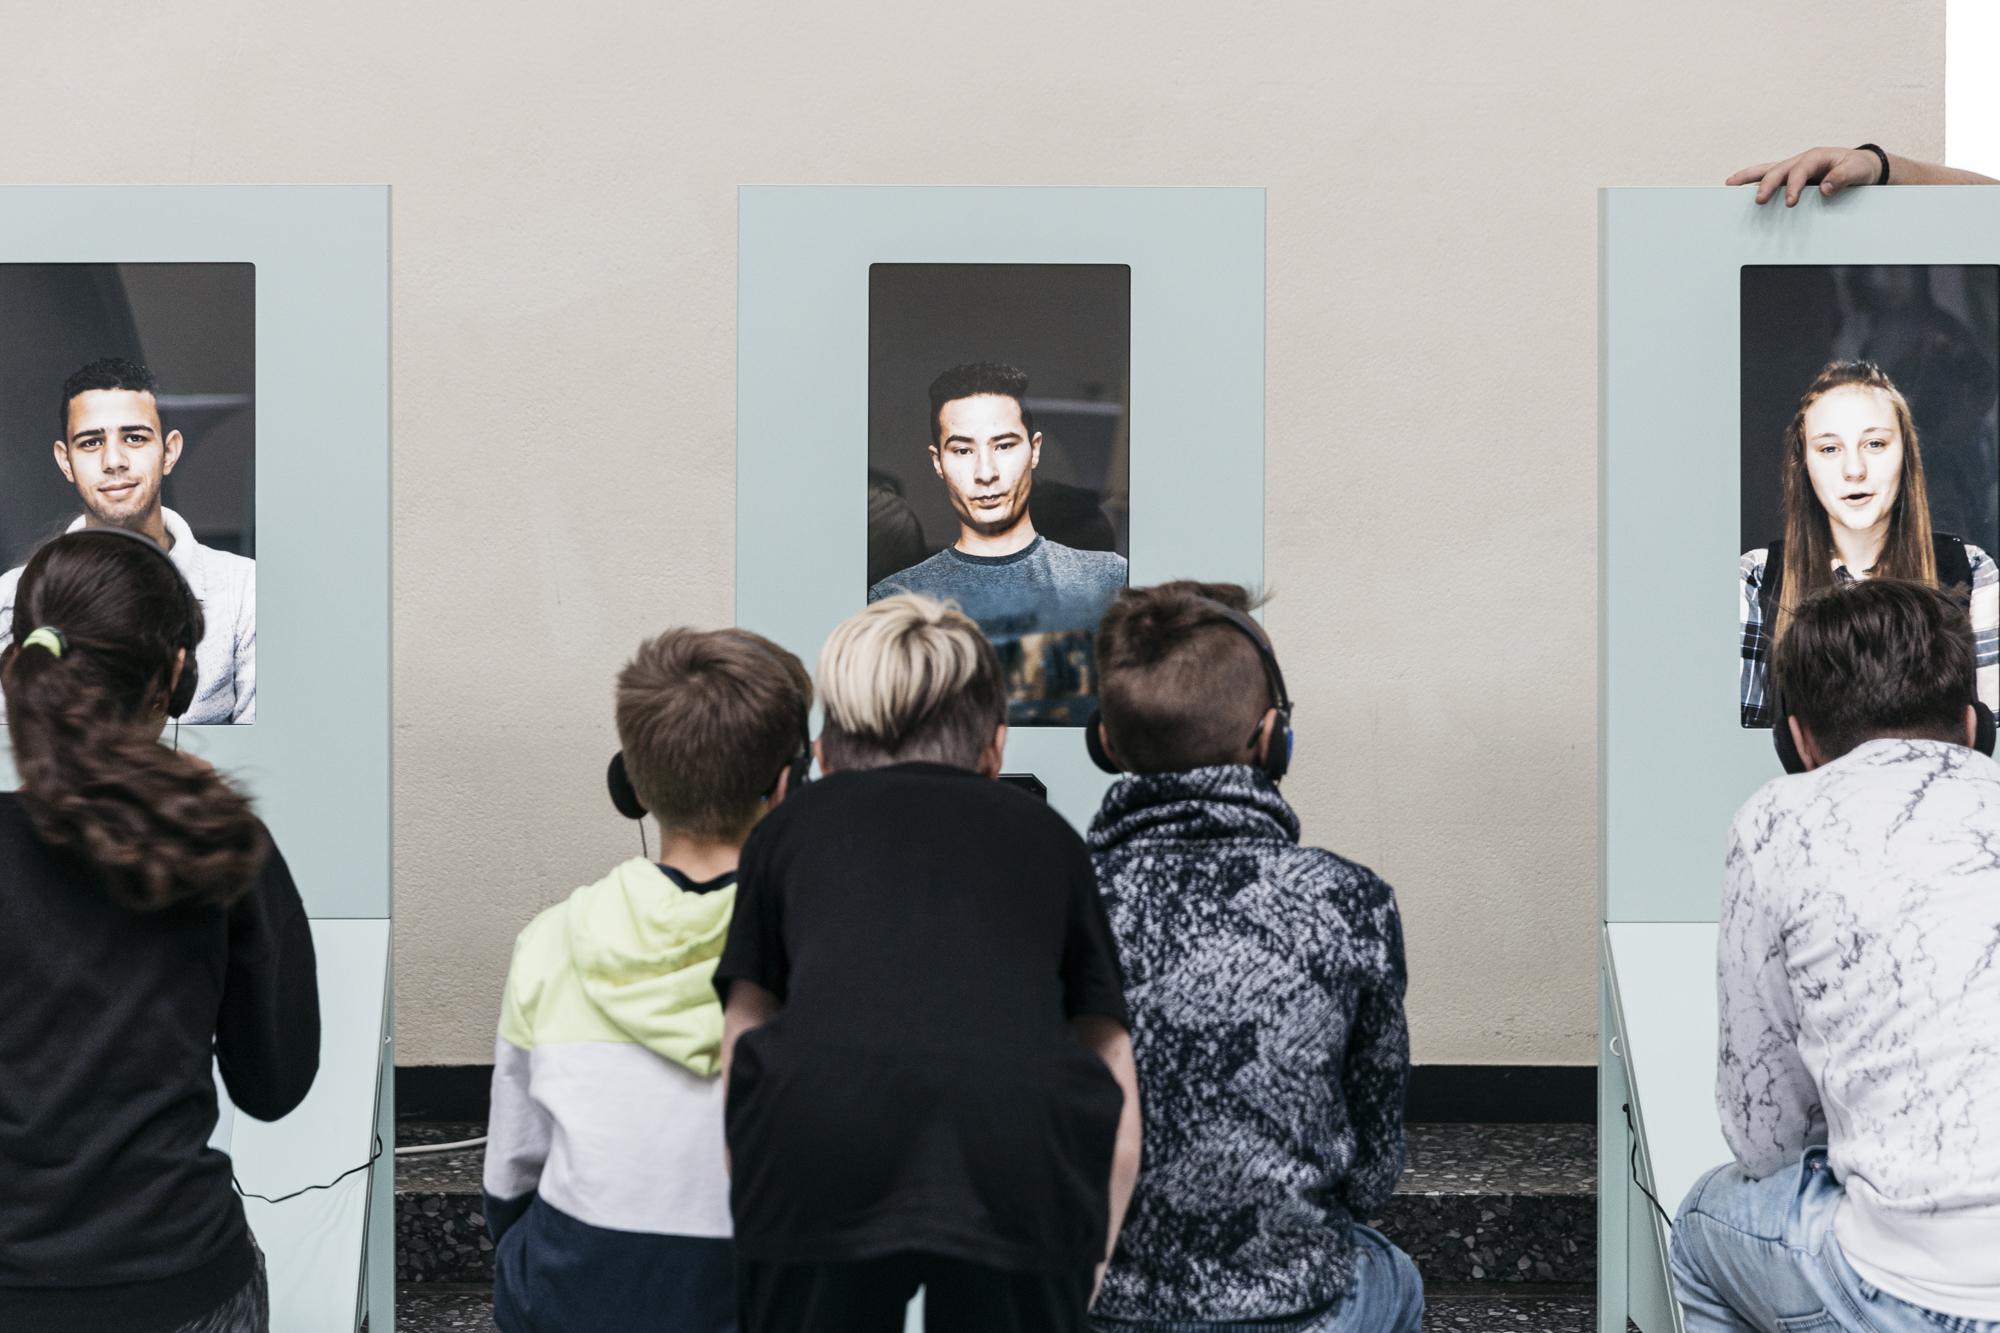 Jugendliche sitzen, mit Kopfhörern auf, nebeneinander und schauen auf drei Austellungsmodelle.